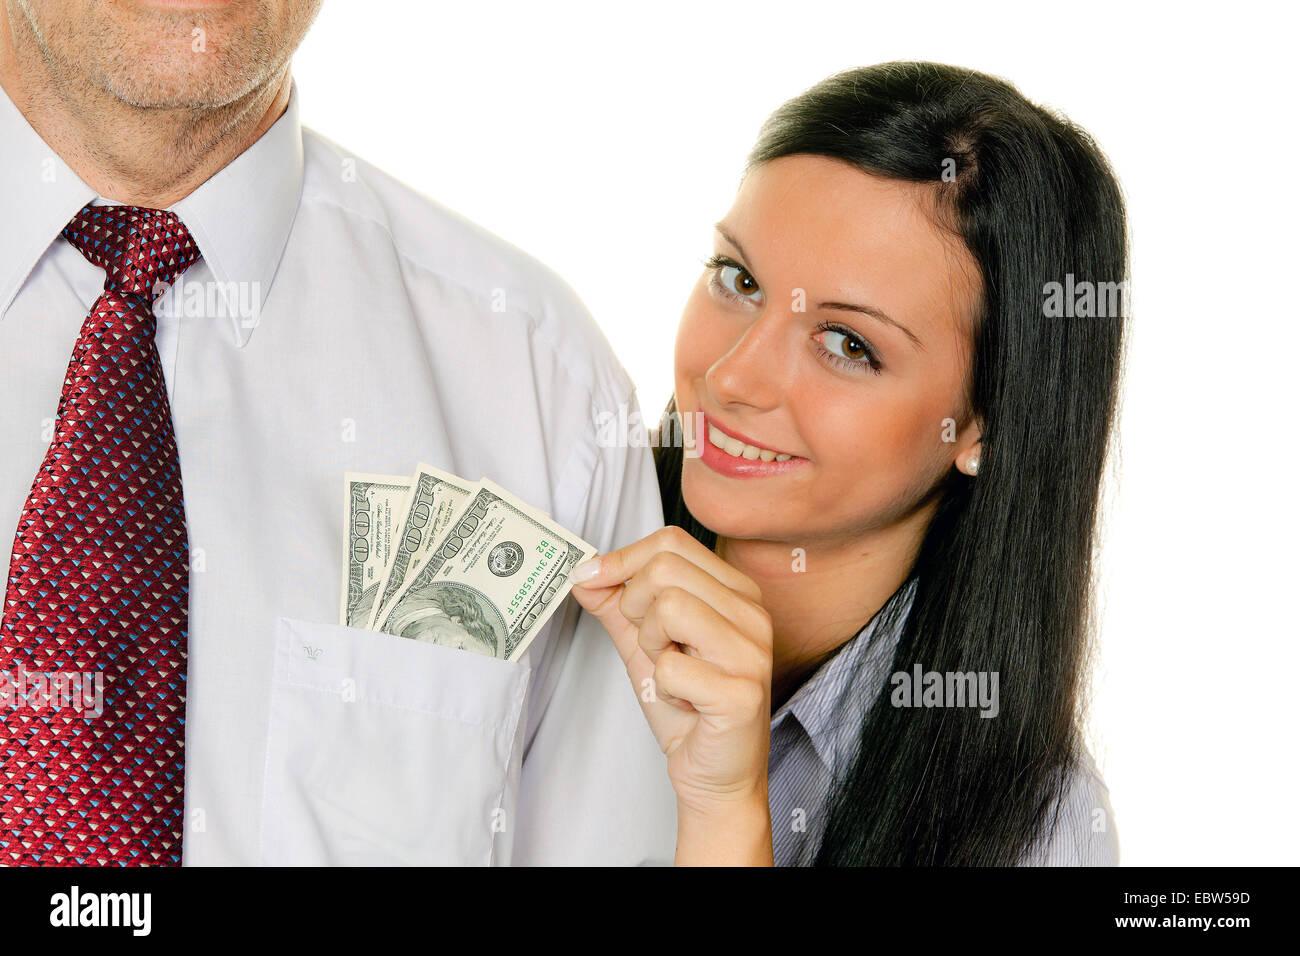 Jeune femme squeeze de l'argent d'un homme Photo Stock